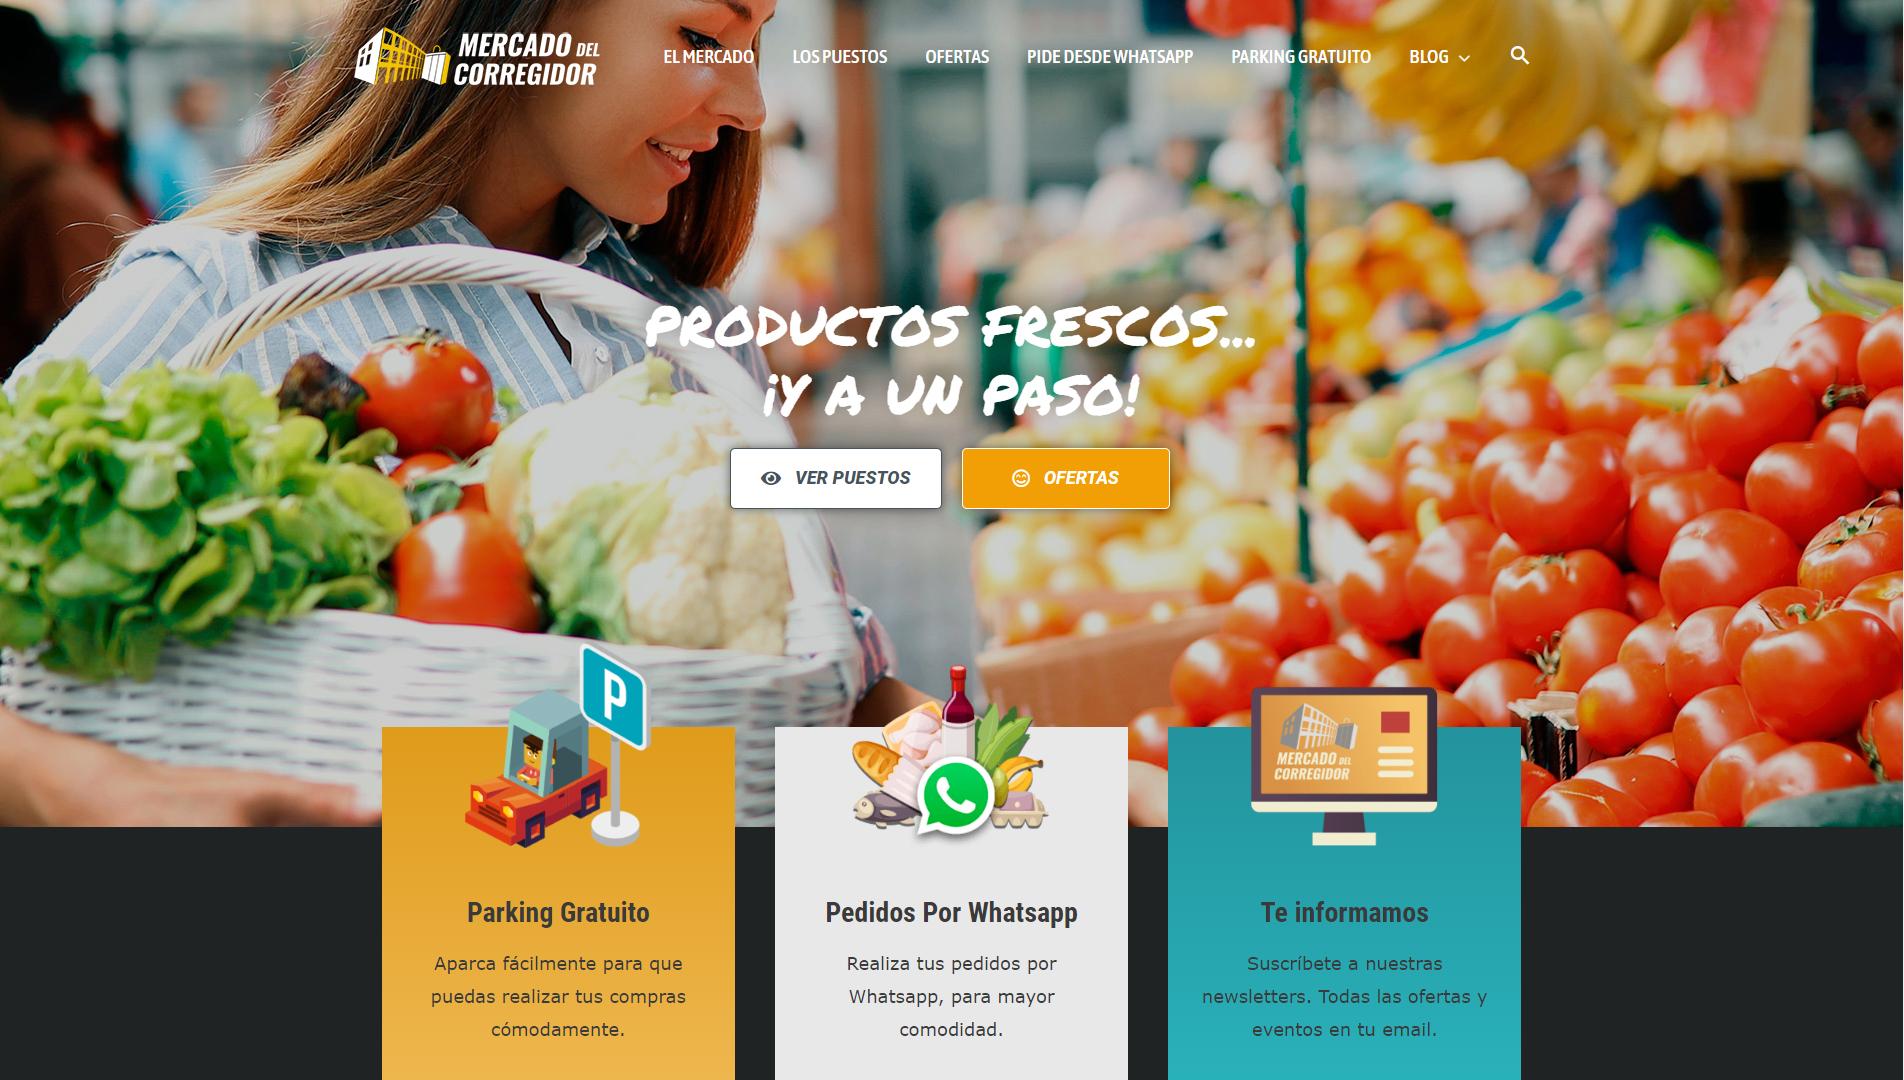 Mercado Del Corregidor